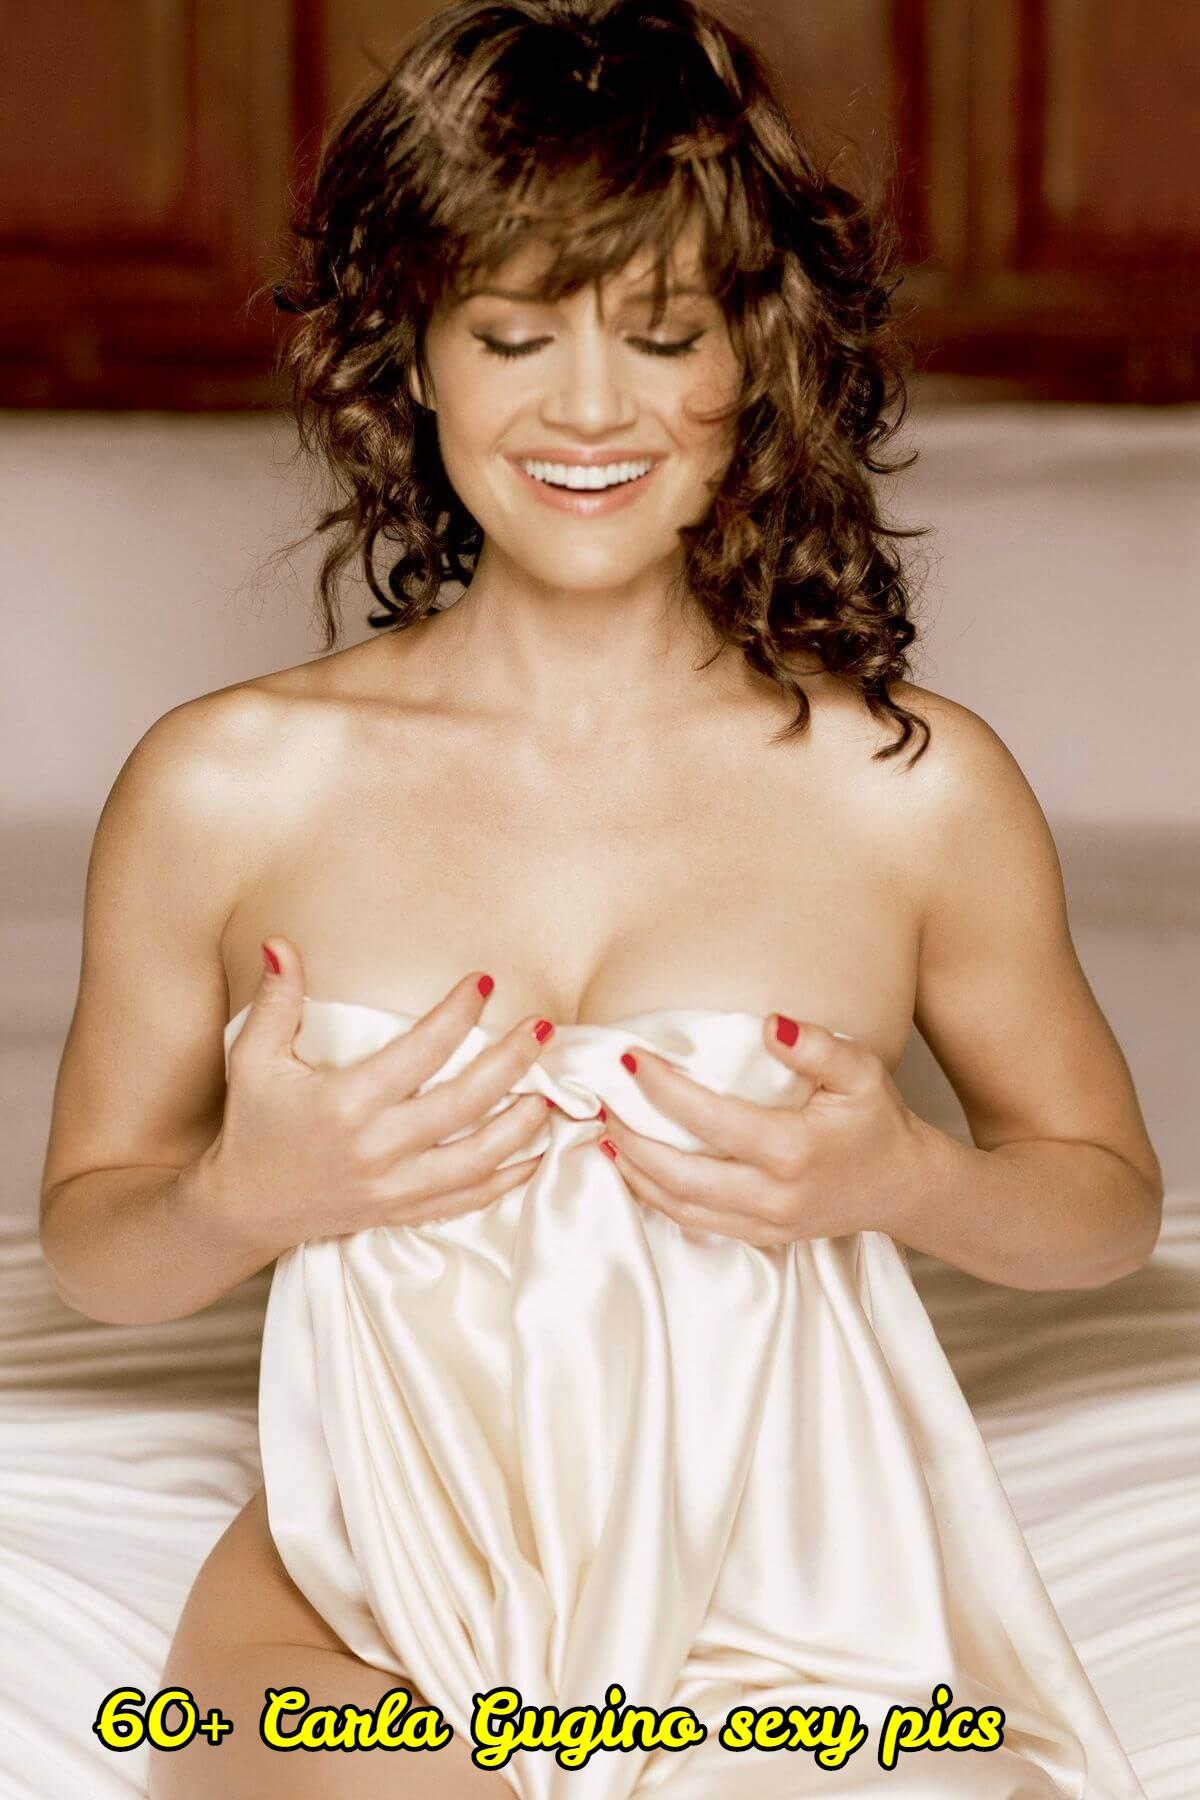 Carla Gugino sexy